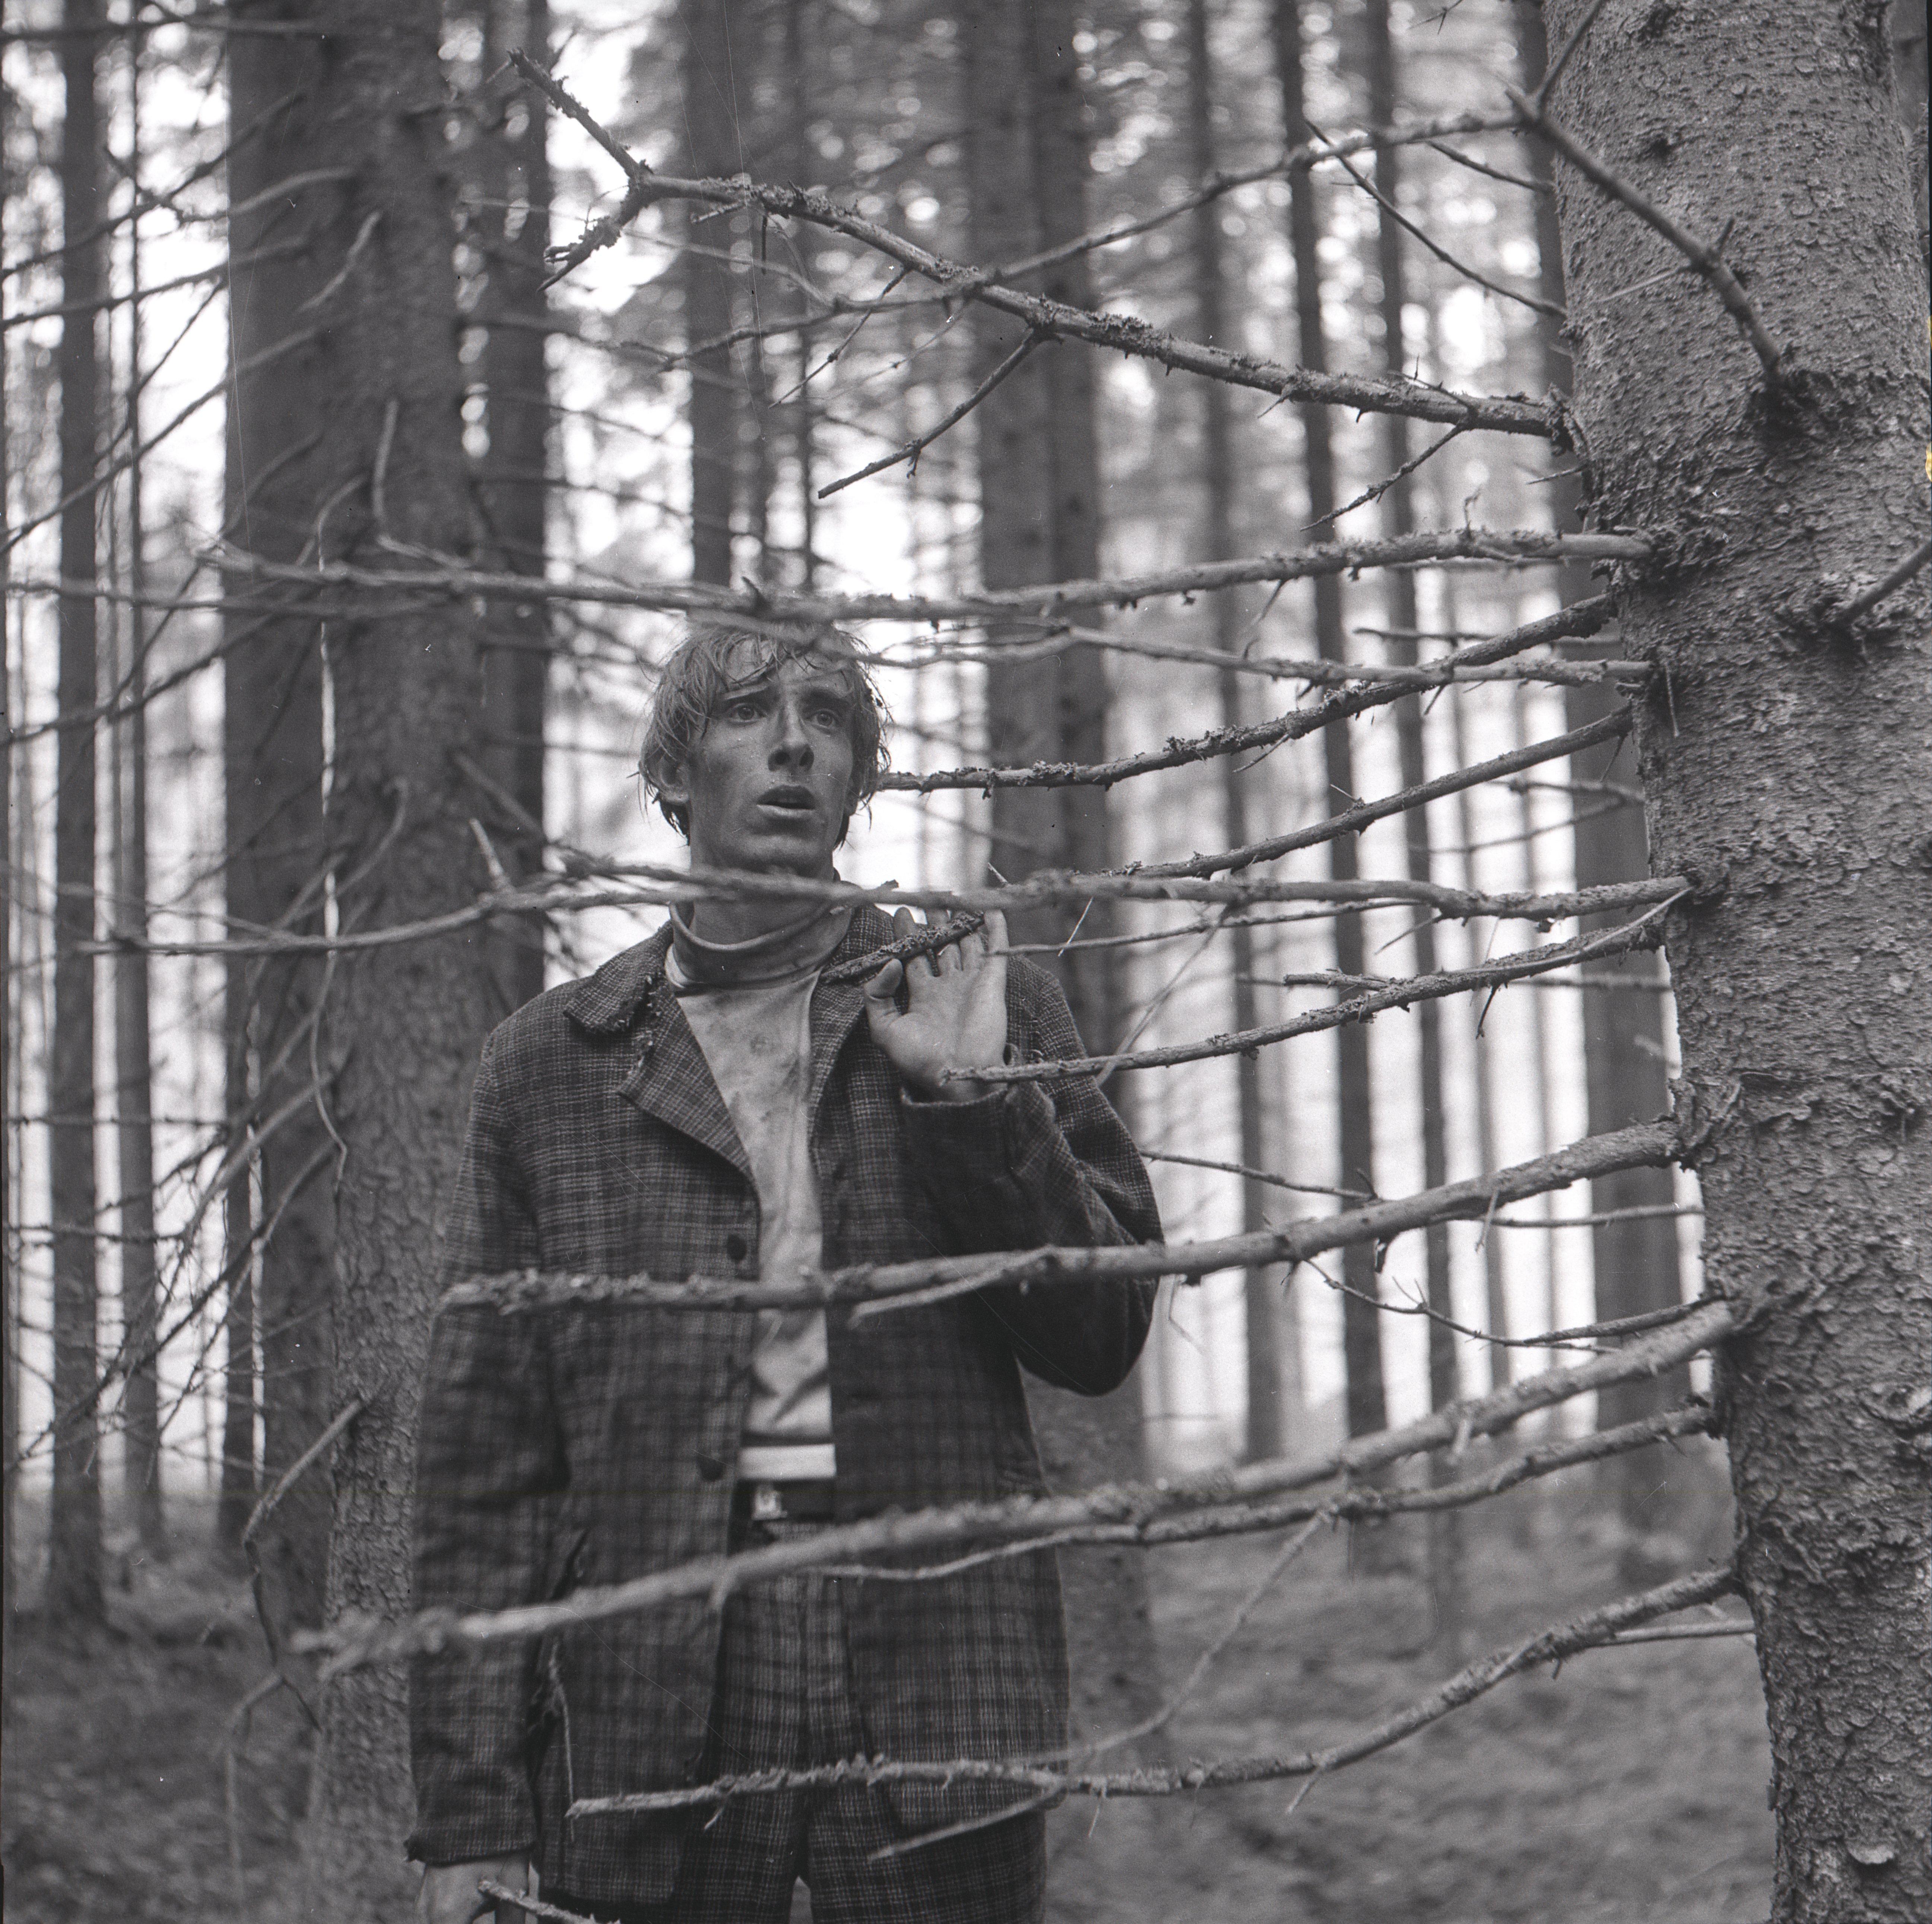 """EFA 0-213833. Mängufilm """"Tuulevaikus"""". Foto: Oti Vasemaa, 1970"""